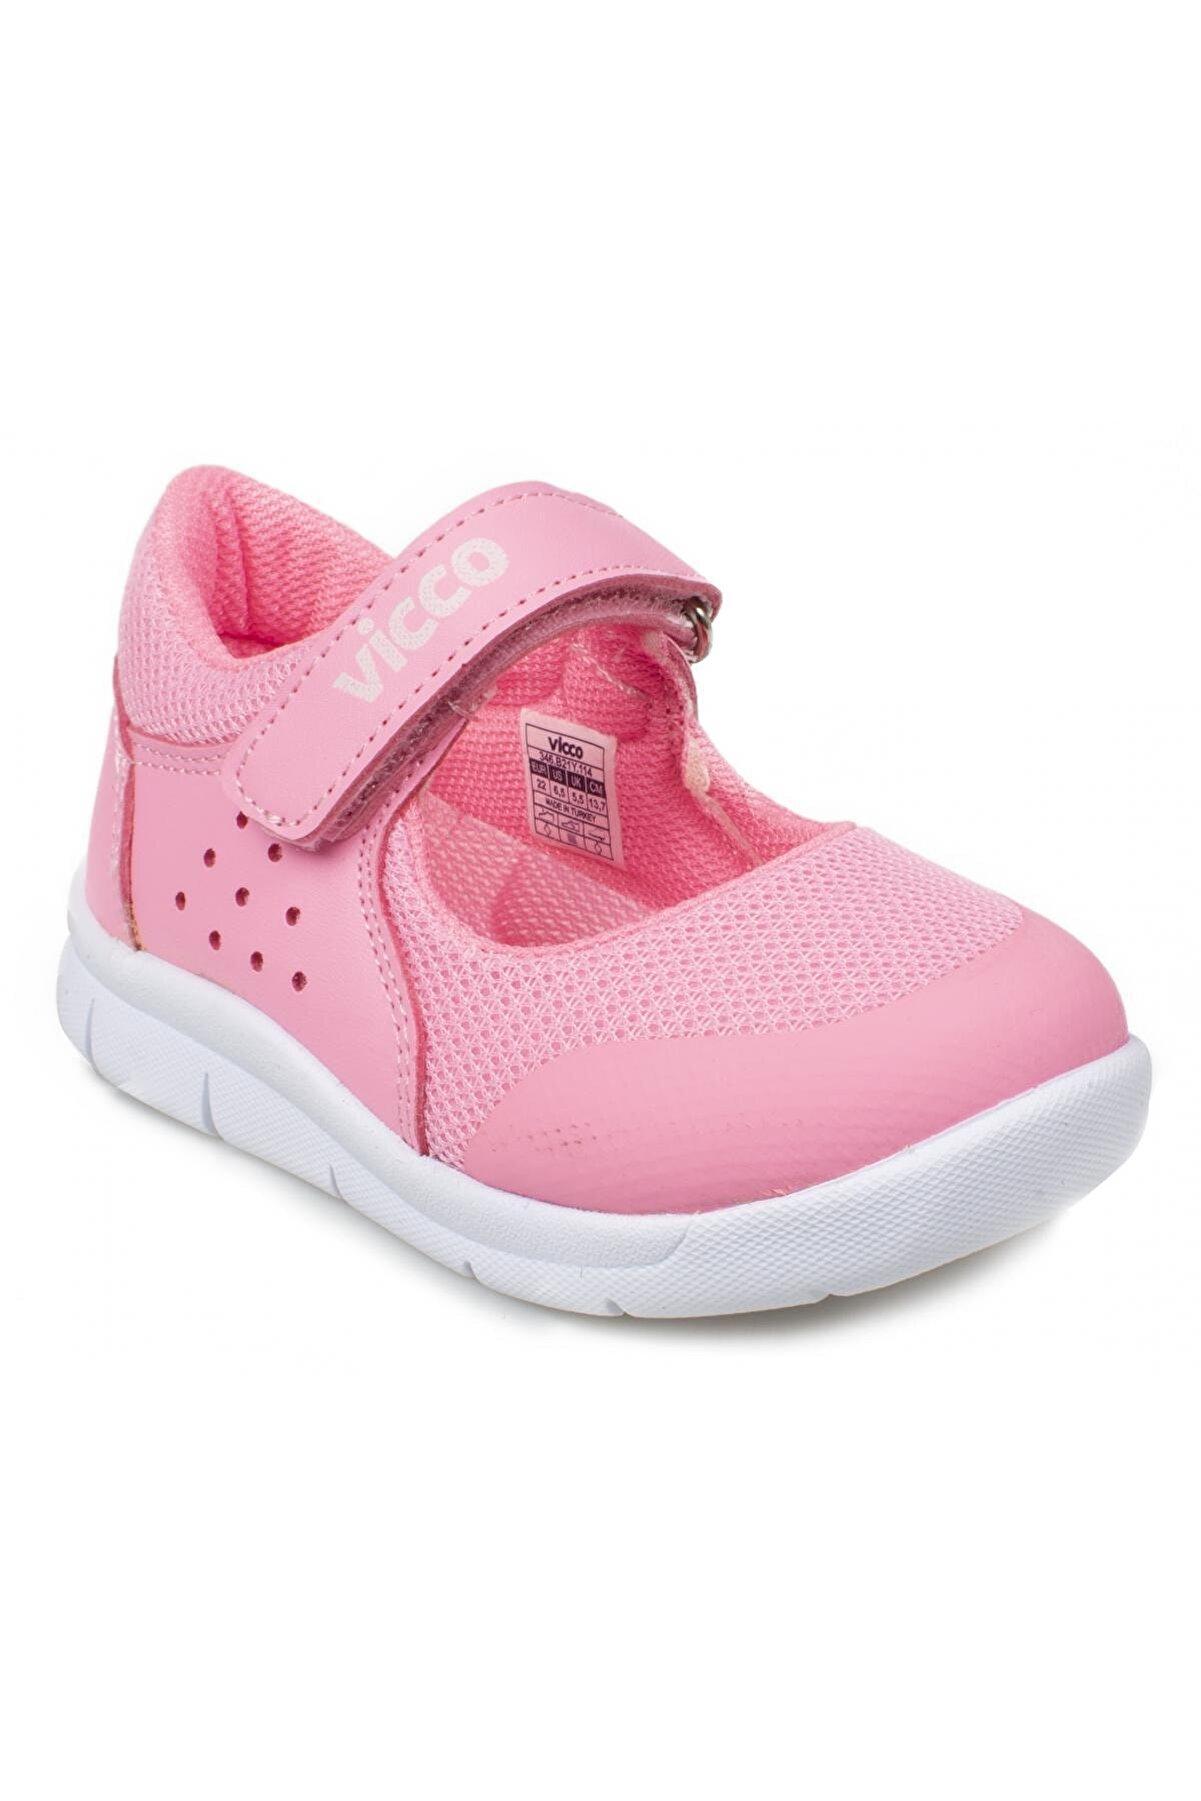 Vicco Lucy Bebe Phylon Pembe Kız Çocuk Ayakkabı